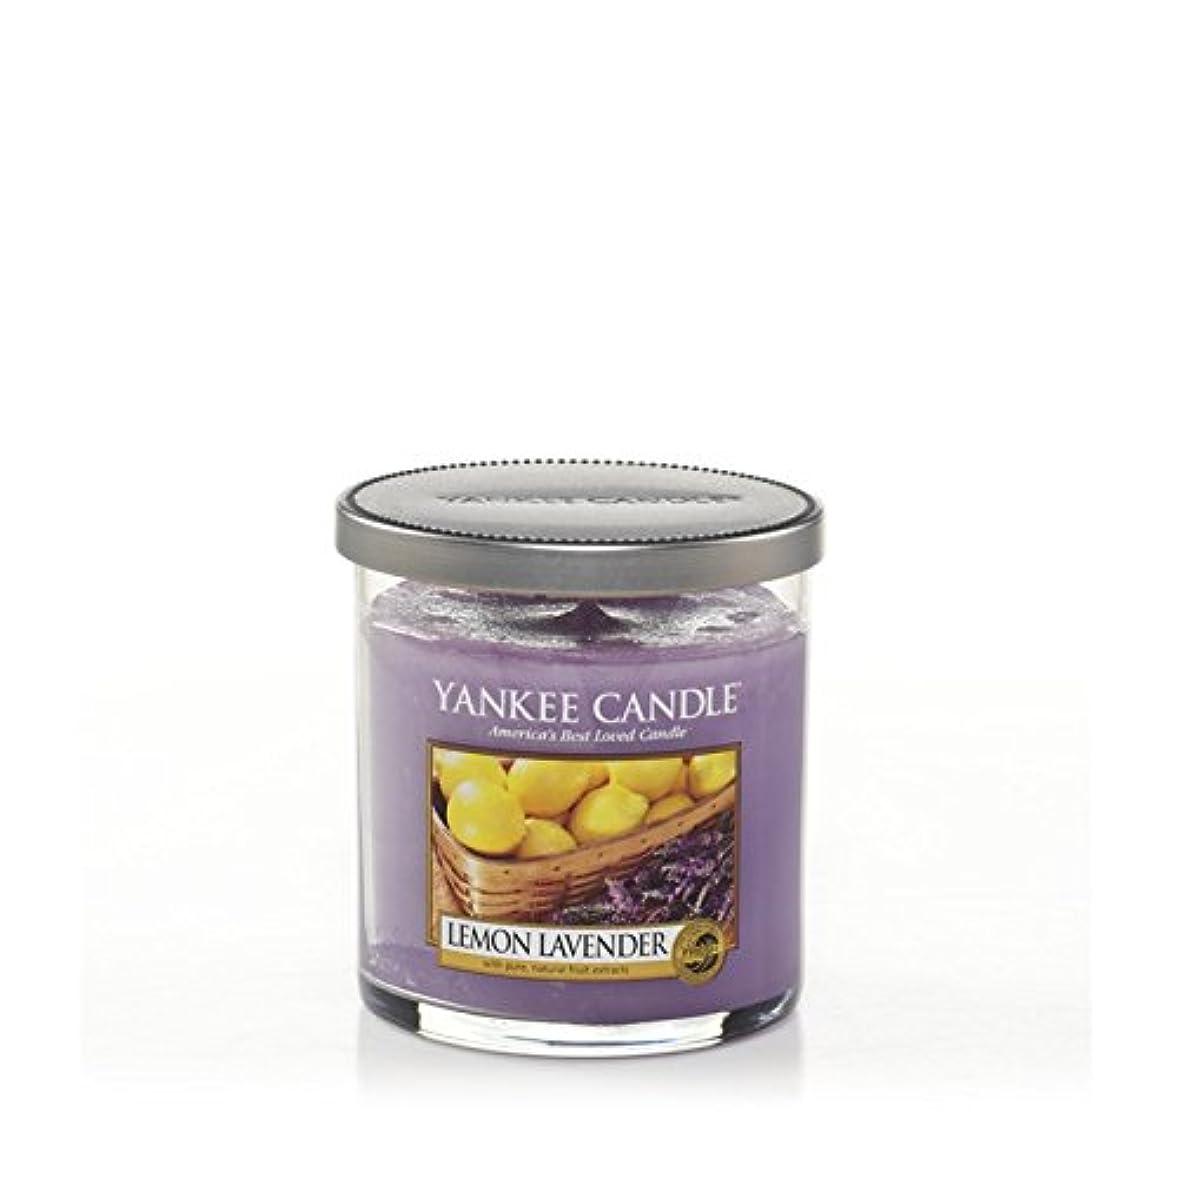 空洞決定拍車ヤンキーキャンドルの小さな柱キャンドル - レモンラベンダー - Yankee Candles Small Pillar Candle - Lemon Lavender (Yankee Candles) [並行輸入品]